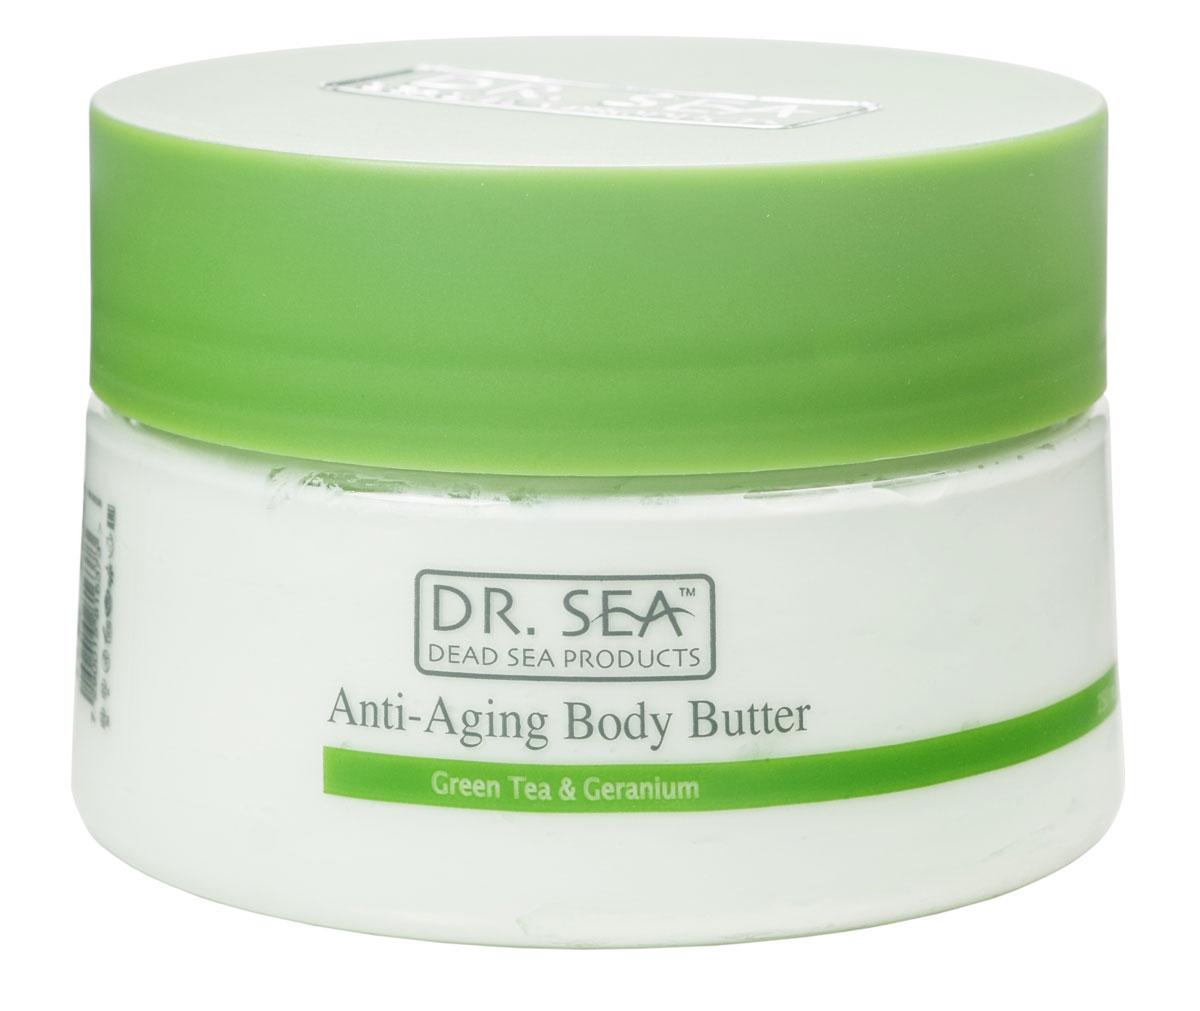 Dr.Sea Масло для тела против старения-зеленый чай и герань, 250 мл225Ежедневное применение масла для тела Dr. Sea позволяет коже эффективно противостоять процессу старения, повышает ее эластичность и упругость. Содержит минералы Мертвого моря, натуральные эфирные и растительные масла, а также витамины C и E, жирные кислоты омега-3 и омега-6. Способствует предотвращению растяжек, рекомендуется к применению в период диеты или беременности. Способ применения: после каждого принятия ванны или душа наносите на кожу массирующими движениями и втирайте до полного впитывания. Основу косметики Dr. Sea составляют минералы, грязи и органические вытяжки Мертвого моря, а также натуральные растительные экстракты. Косметические средства Dr. Sea разрабатываются и производятся исключительно на территории Израиля в новейших технологических условиях, позволяющих максимально раскрыть и сохранить целебные свойства природных компонентов. Ни в одном из препаратов не содержится парааминобензойная кислота (так называемый парабен), а в составе шампуней и...